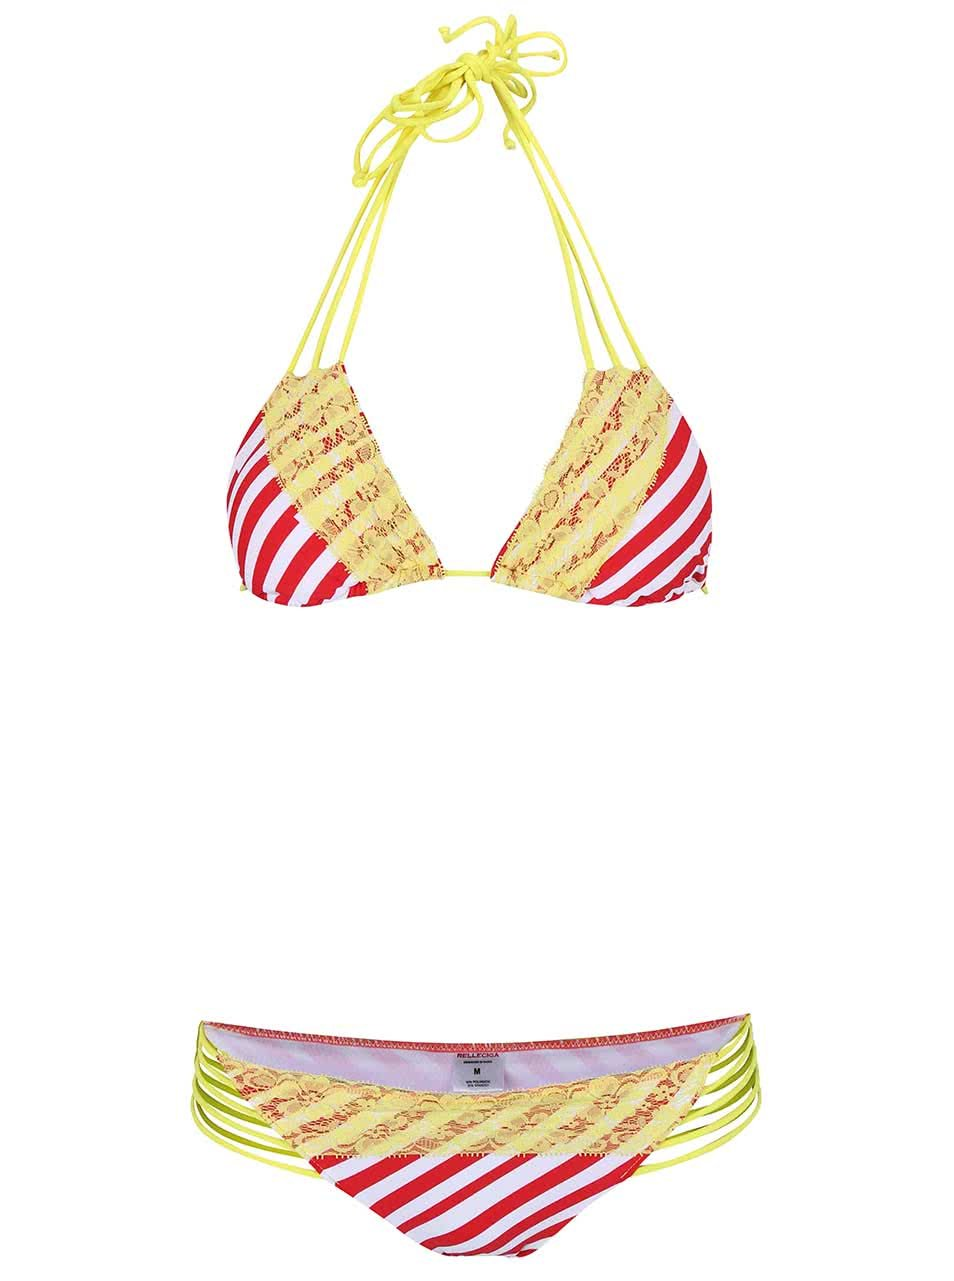 Červeno-žluté pruhované dvoudílné plavky s krajkou Relleciga ... 69dc3d4ae0